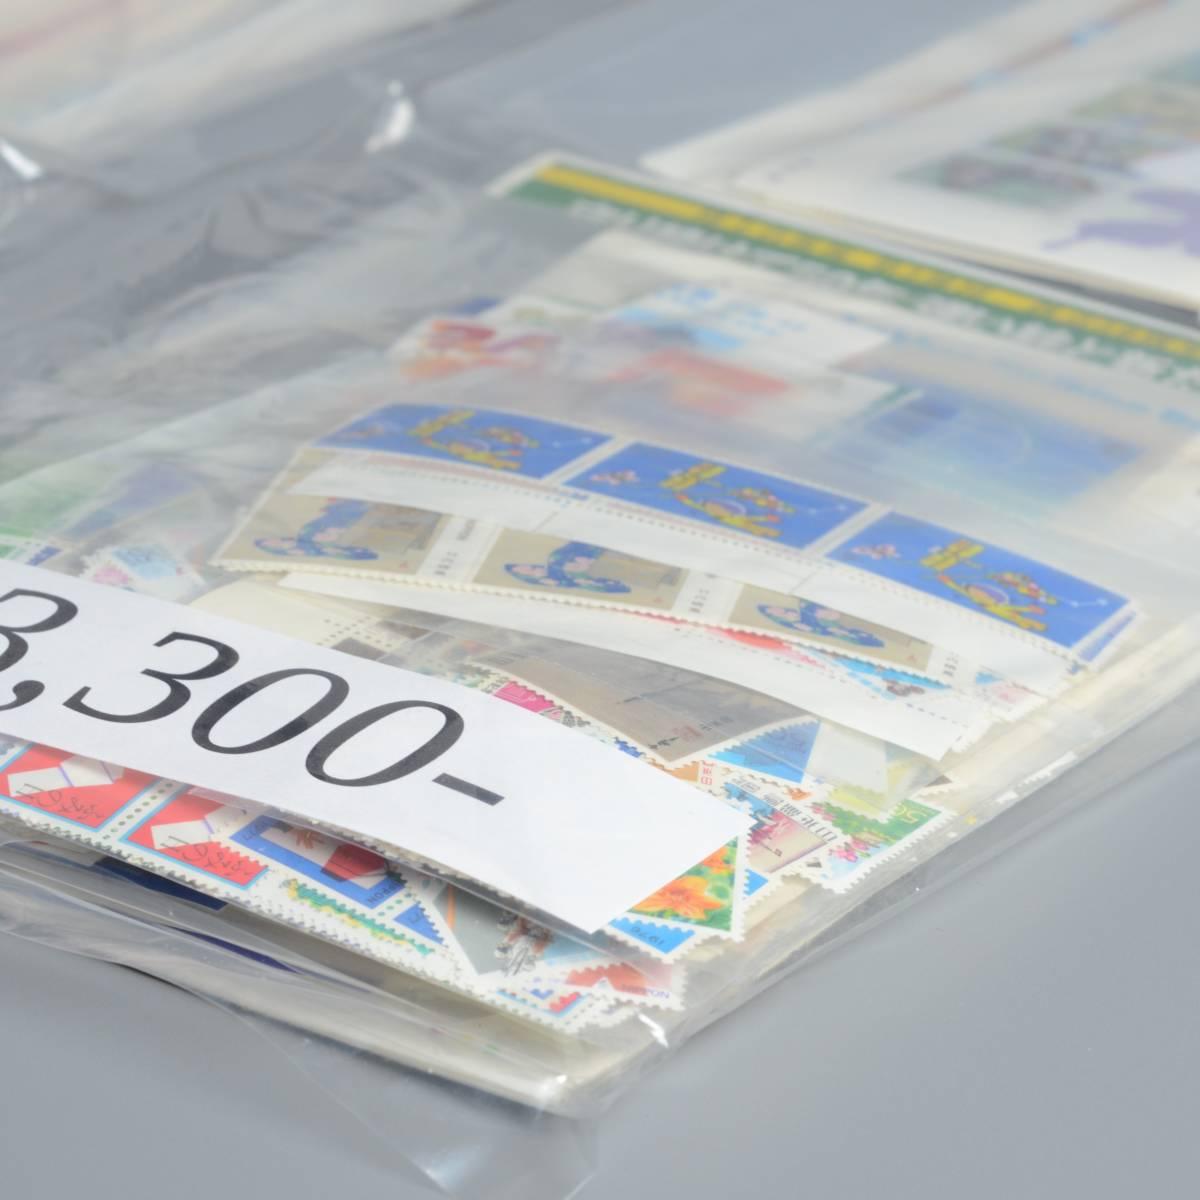 通信用切手まとめて 額面合計200,871円 即決落札有_画像6